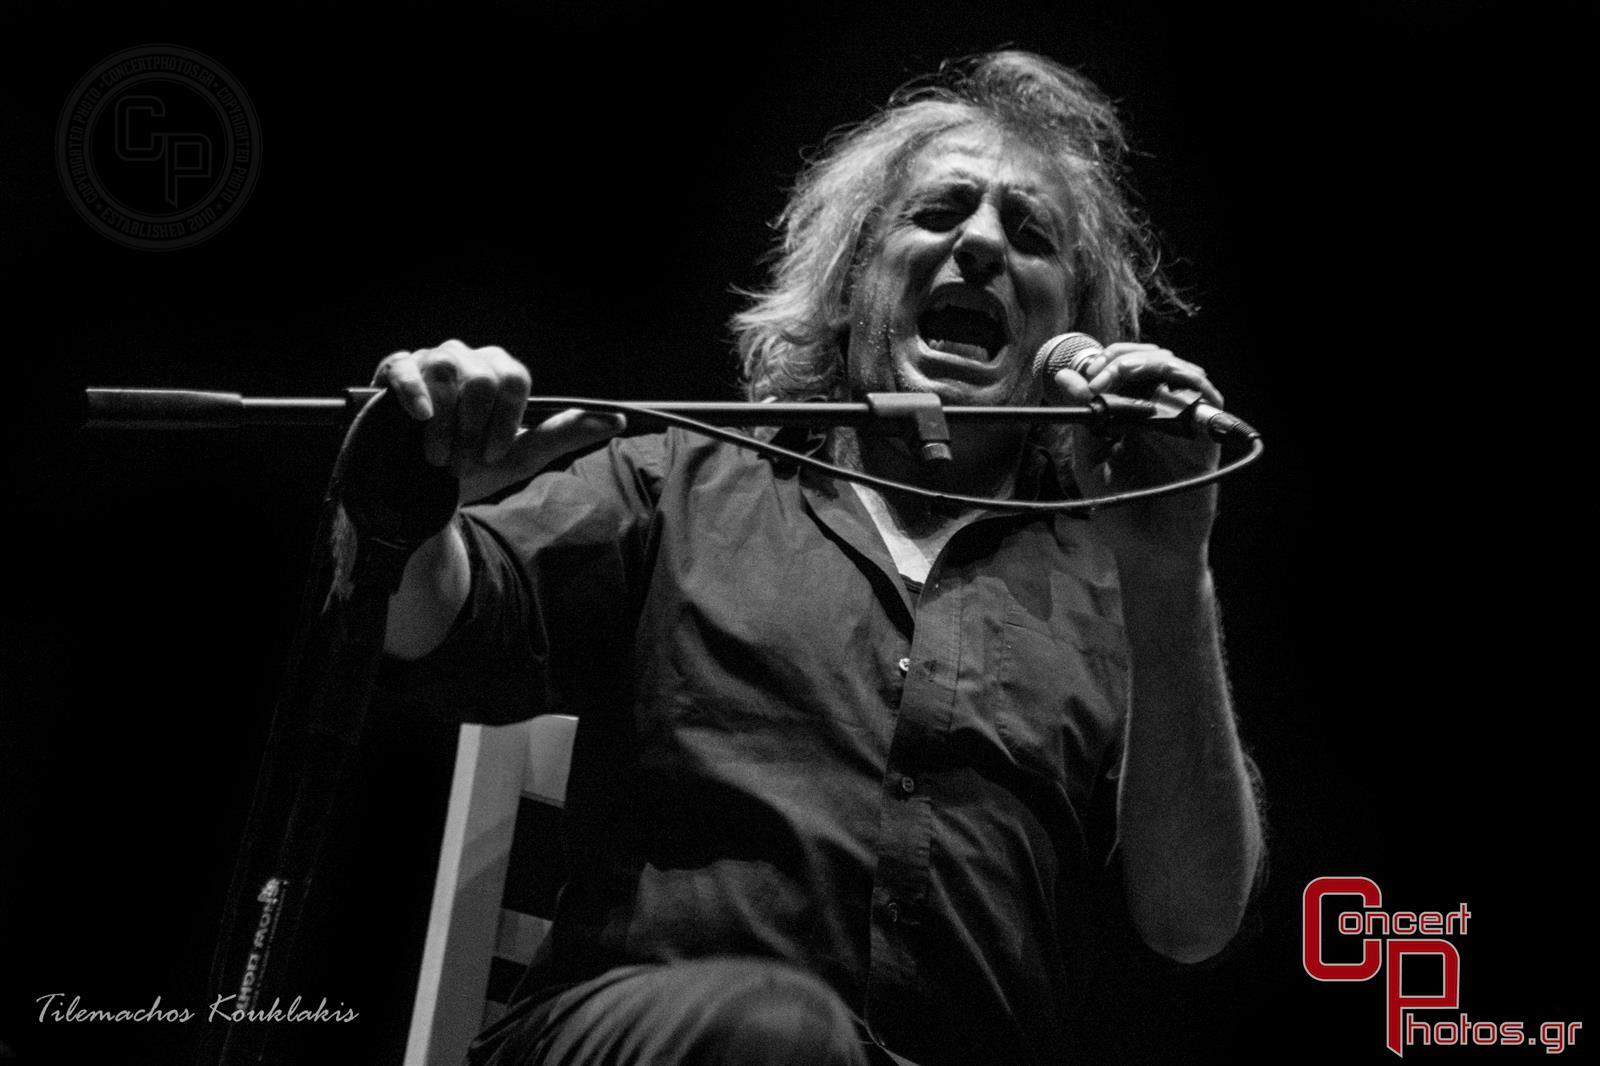 Γιάννης Αγγελάκας - Σύννεφα με Παντελόνια-Aggelakas-2 photographer:  - concertphotos_-1405152966